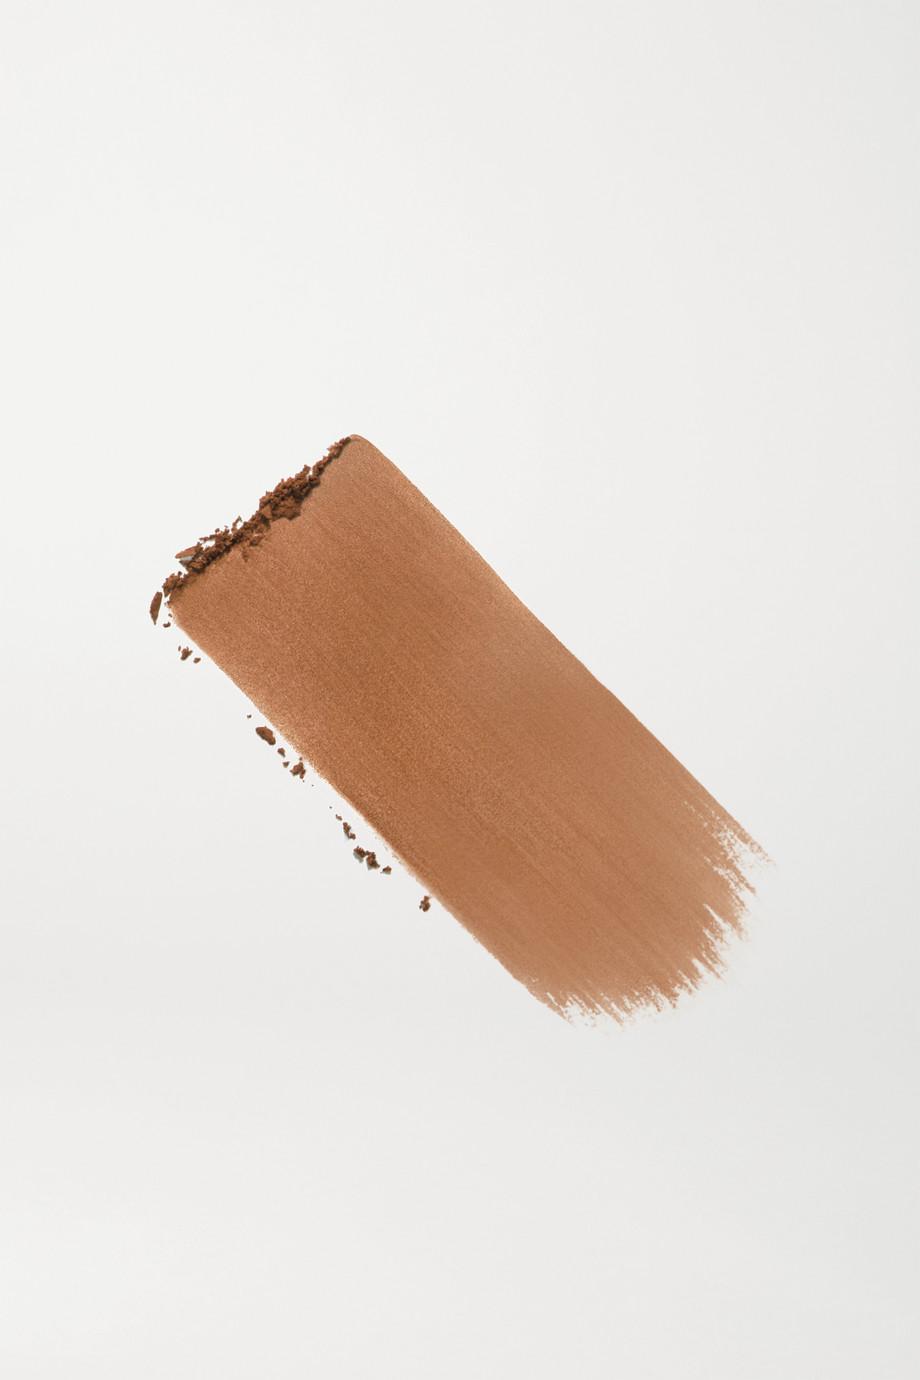 NARS Matte Bronzing Powder - Laguna